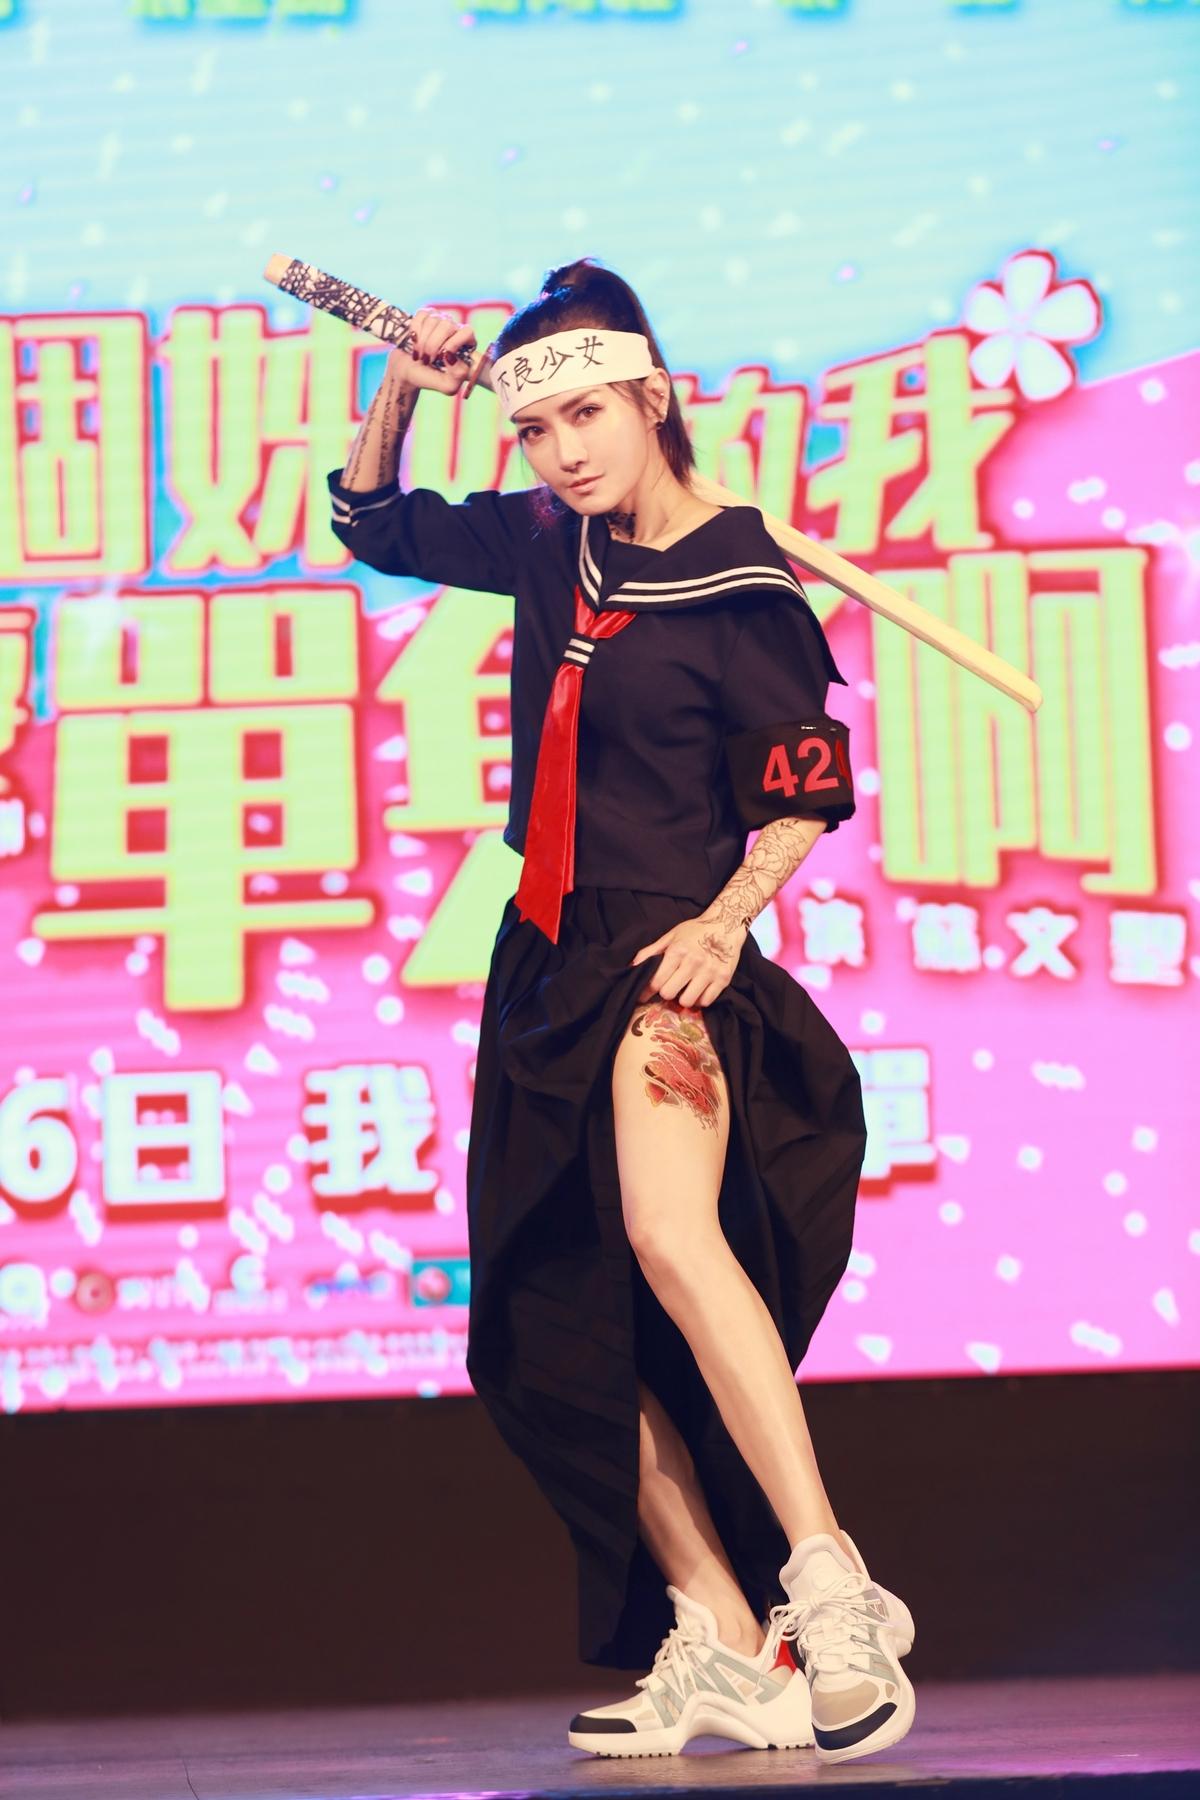 《五個姊姊》推10祭品衝票房 謝金燕驚喜現身秀辣腿!